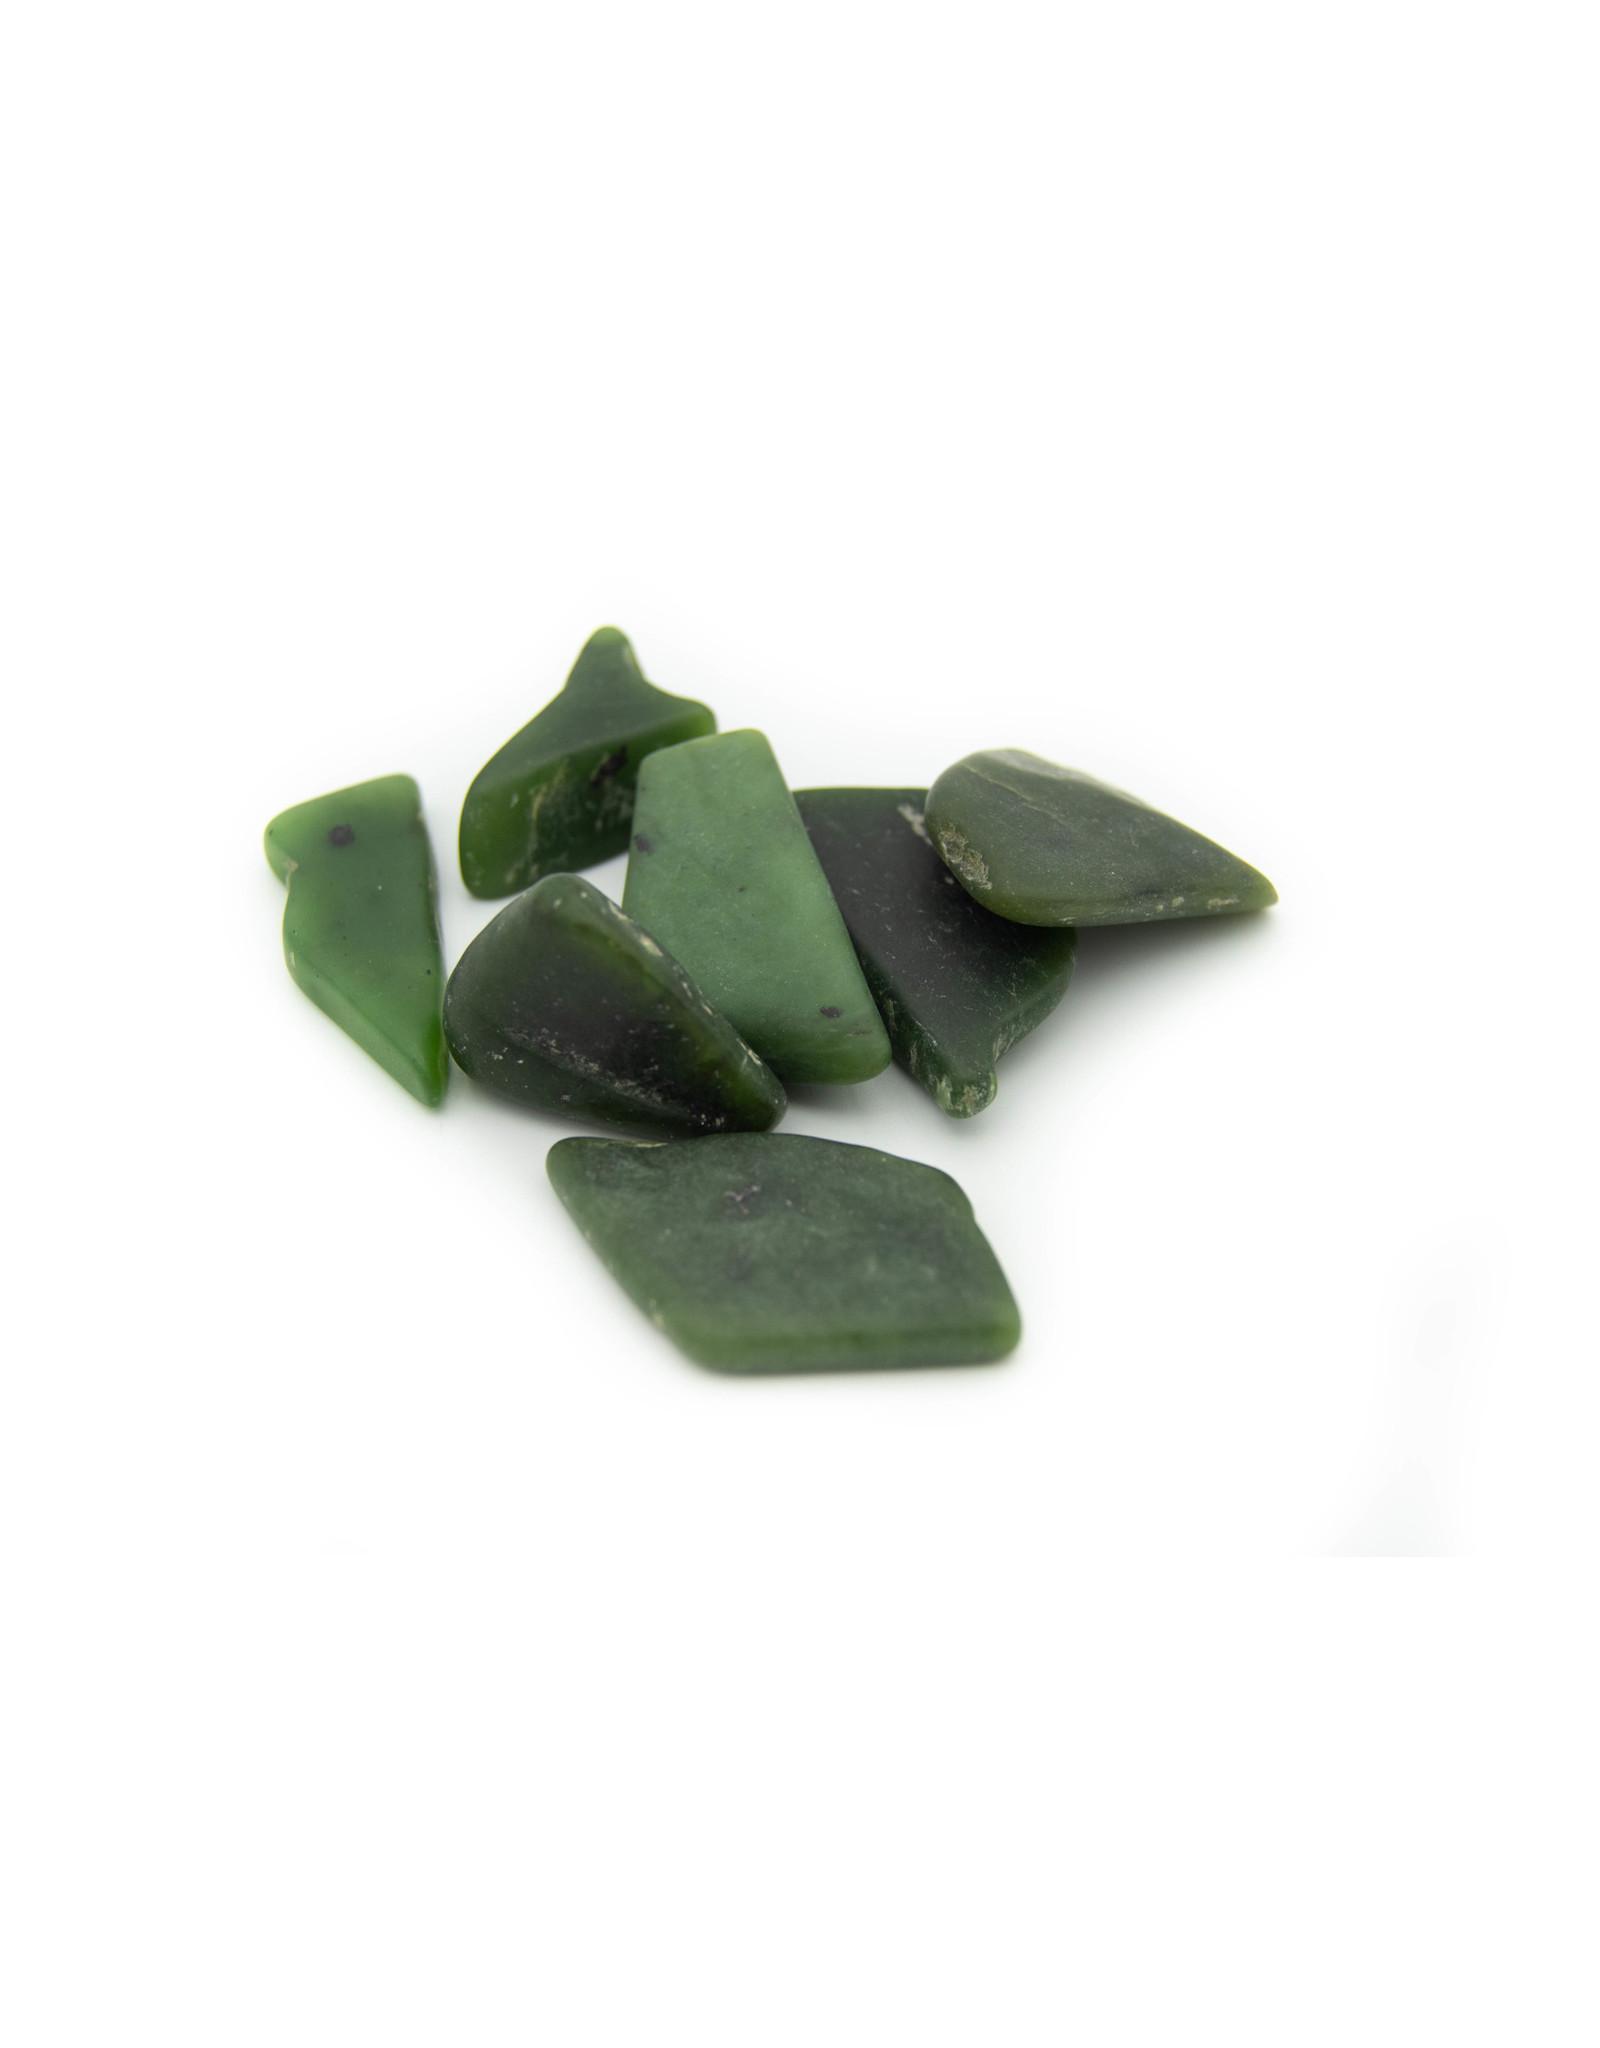 Échantillon Jade Colombie-Britannique (Canada)